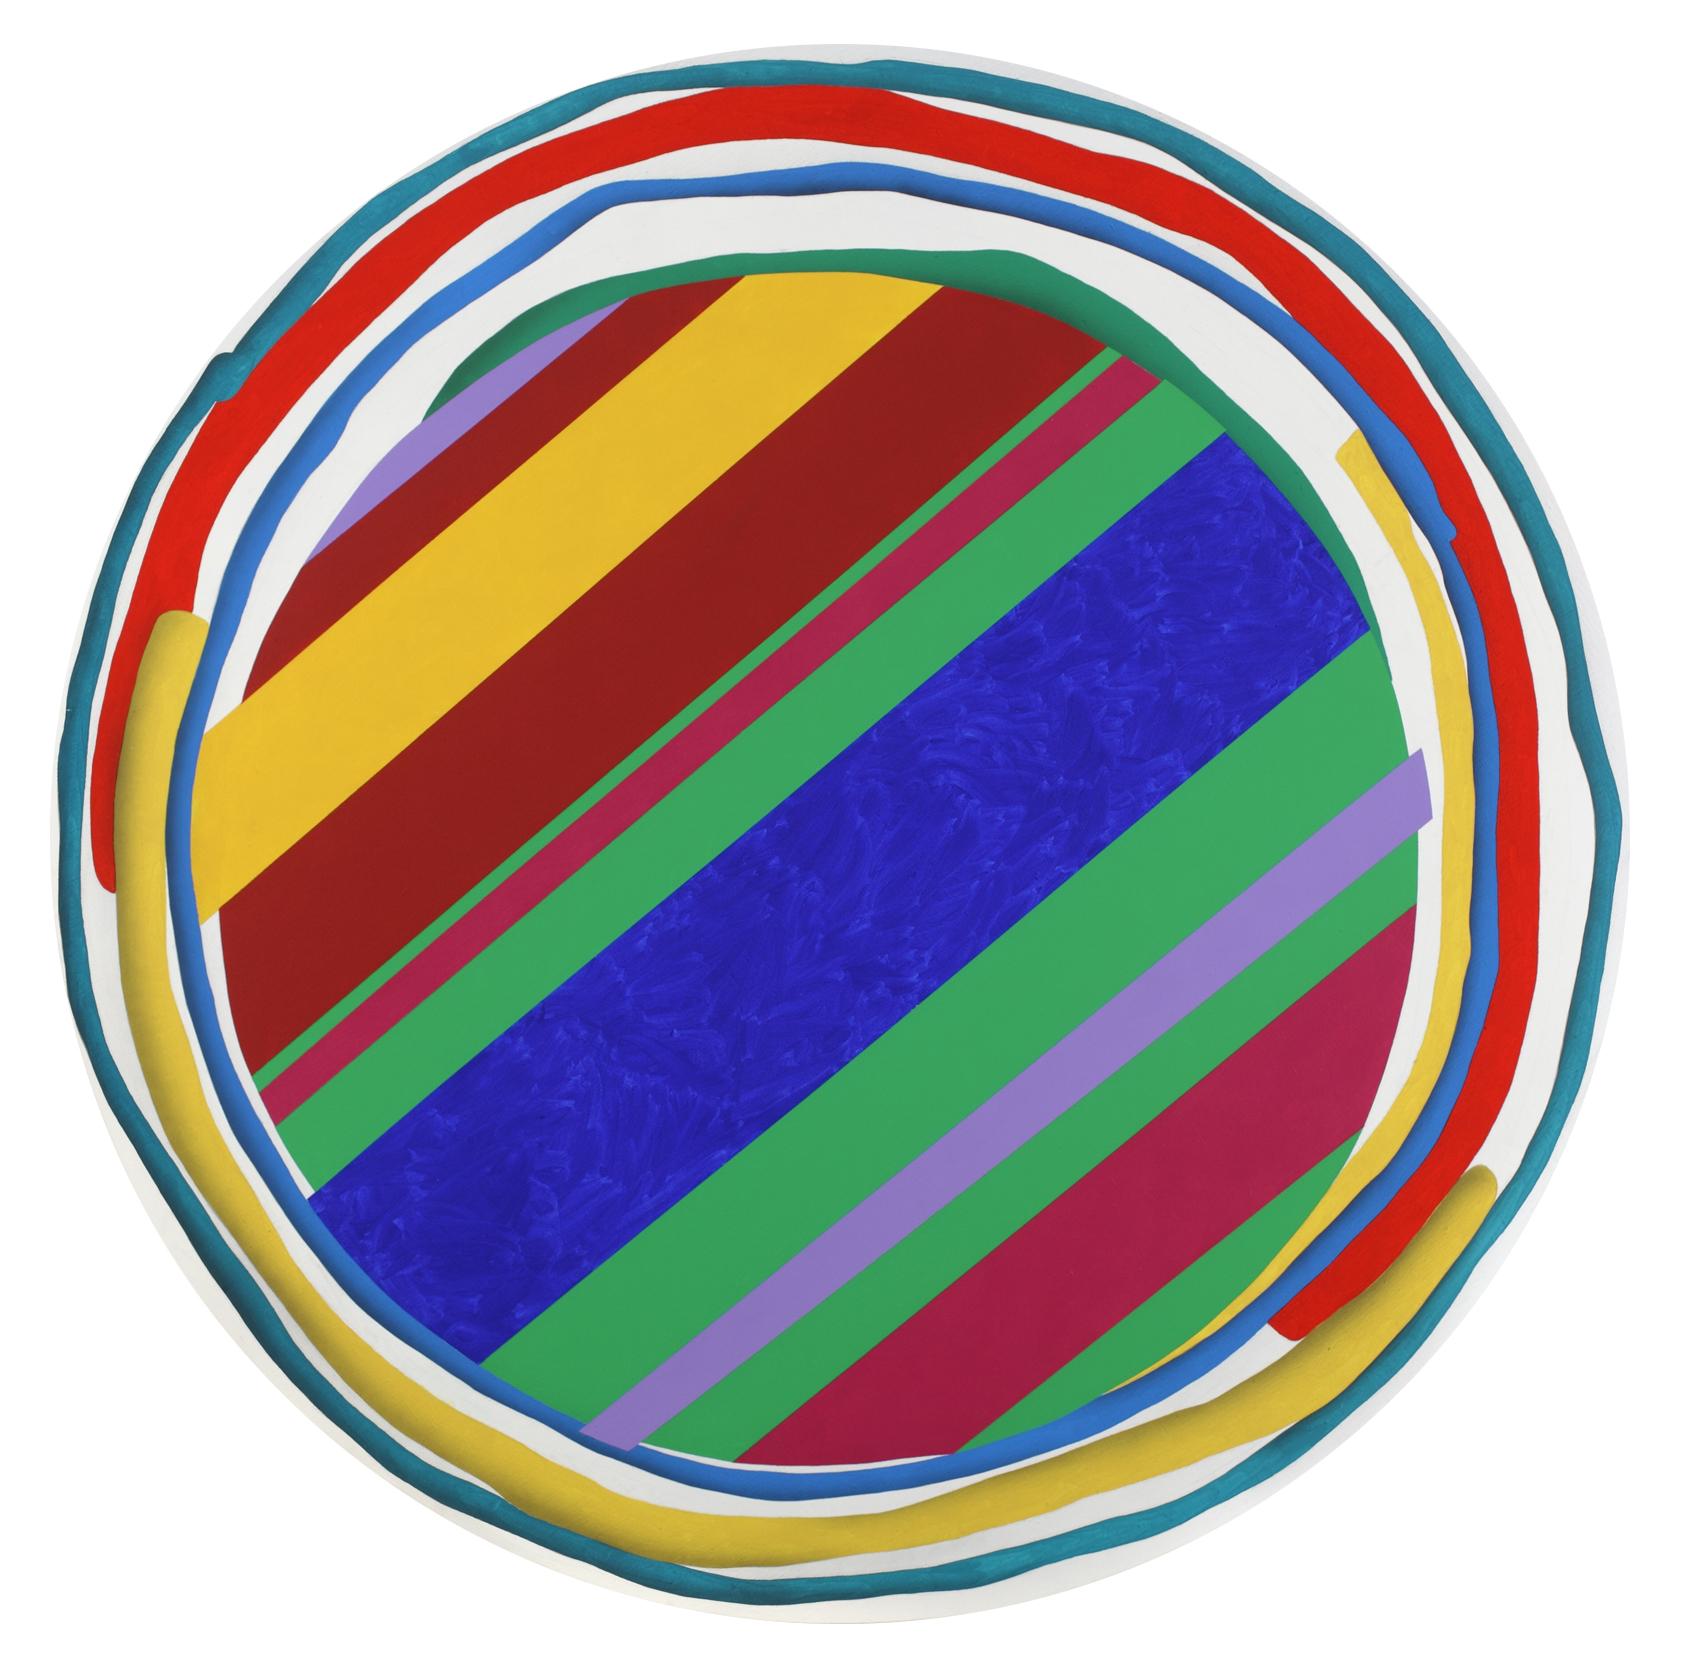 Mandala No. 2 /Pop art/ 2011, acrylic on canvas, 150 x 150 cm